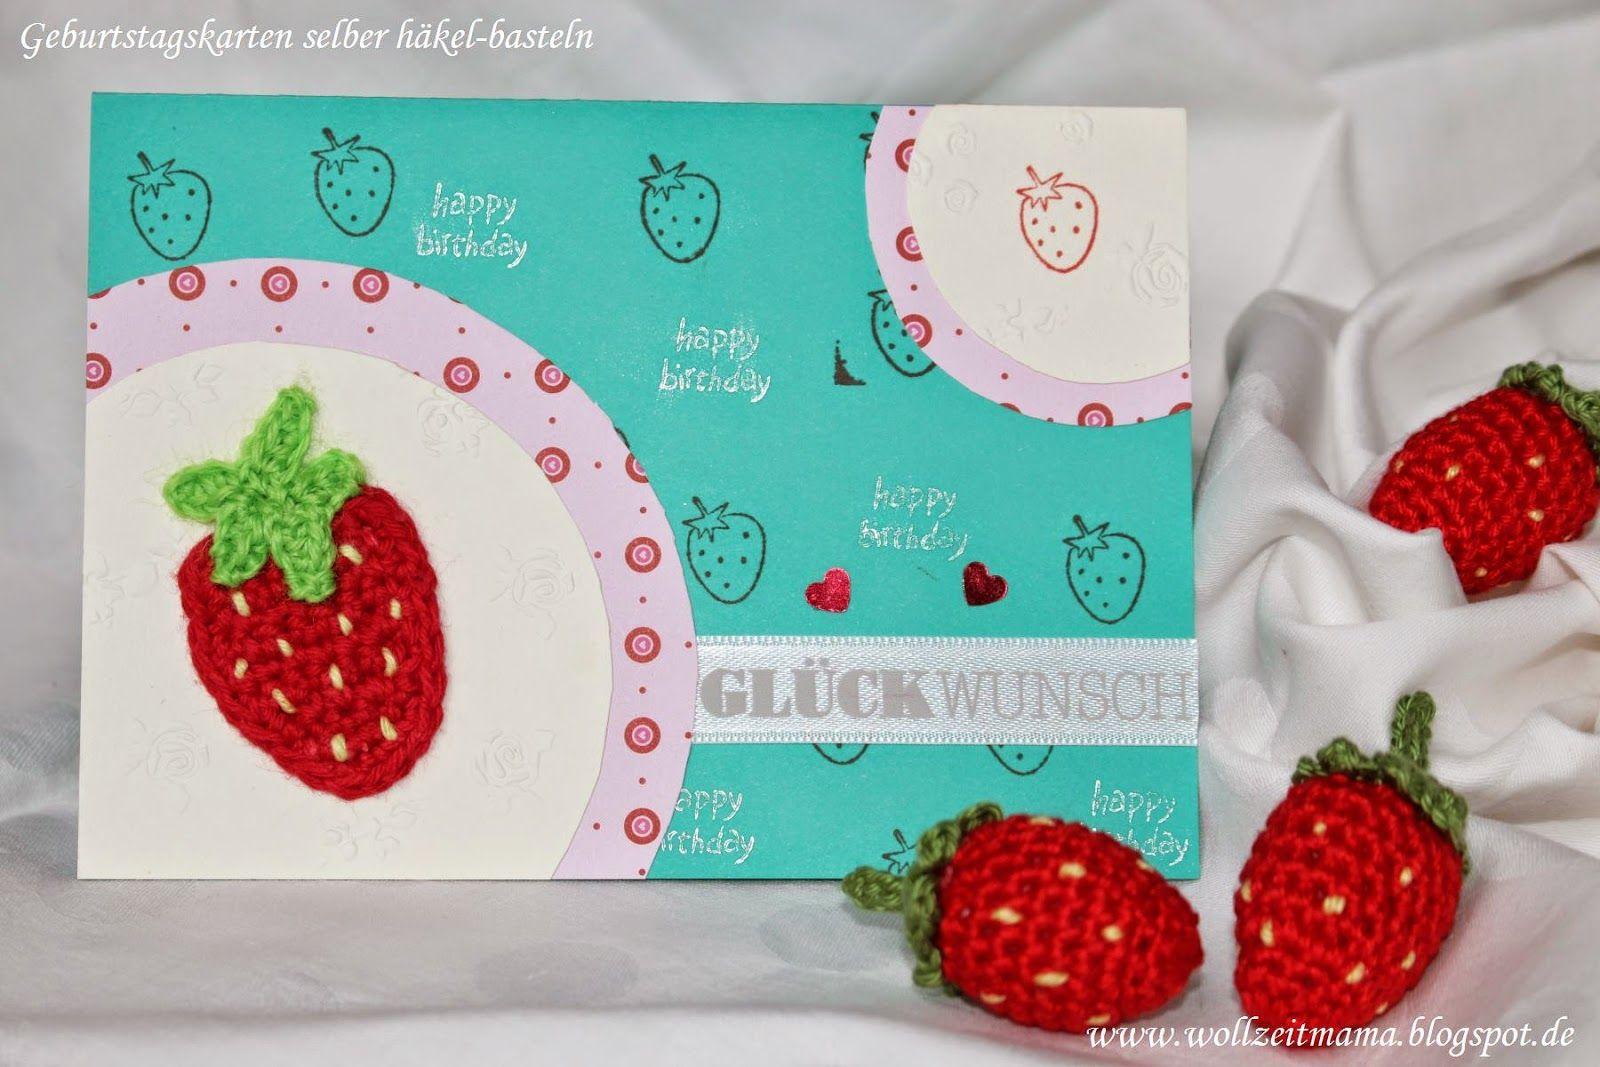 geburtstagskarte selber h keln und basteln mit erdbeere basteln pinterest gutschein. Black Bedroom Furniture Sets. Home Design Ideas